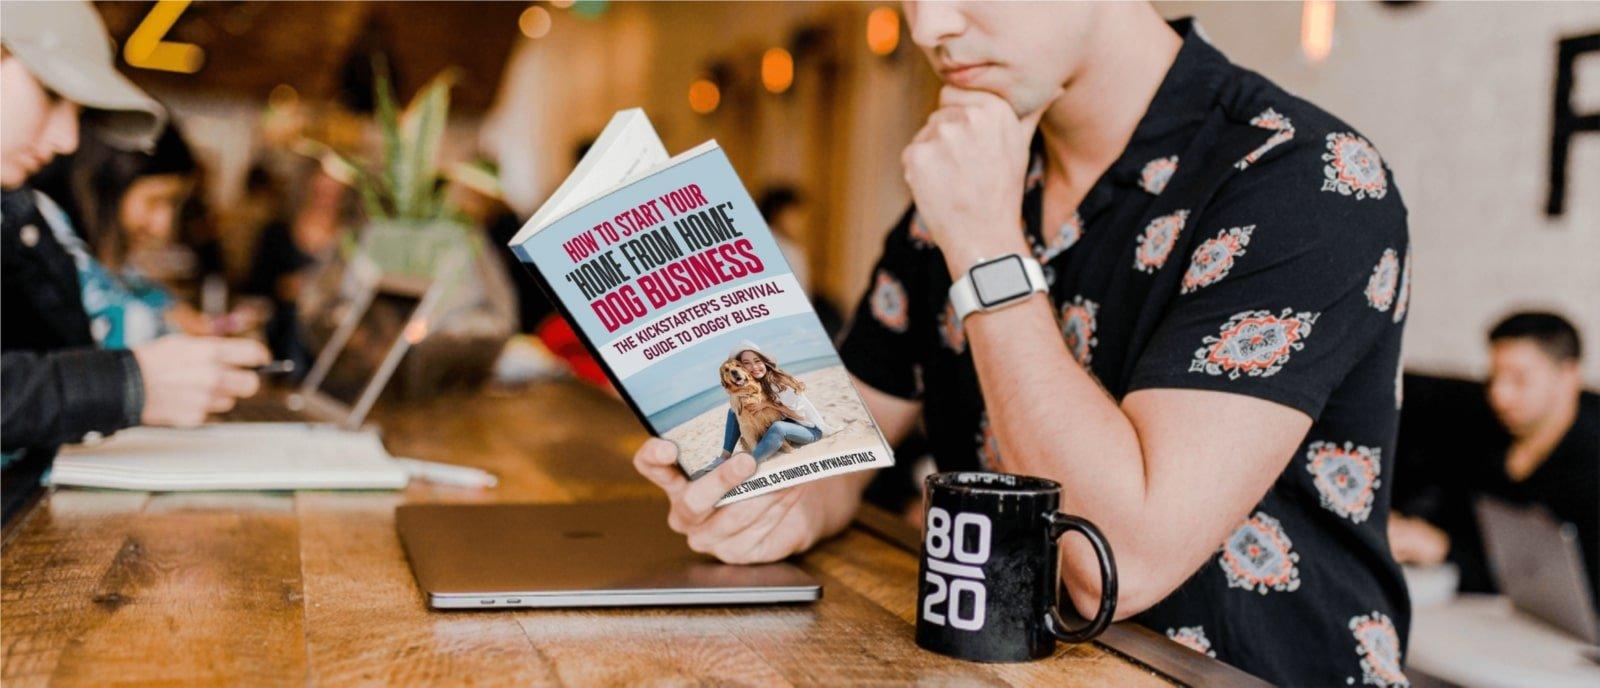 dog business book concept art